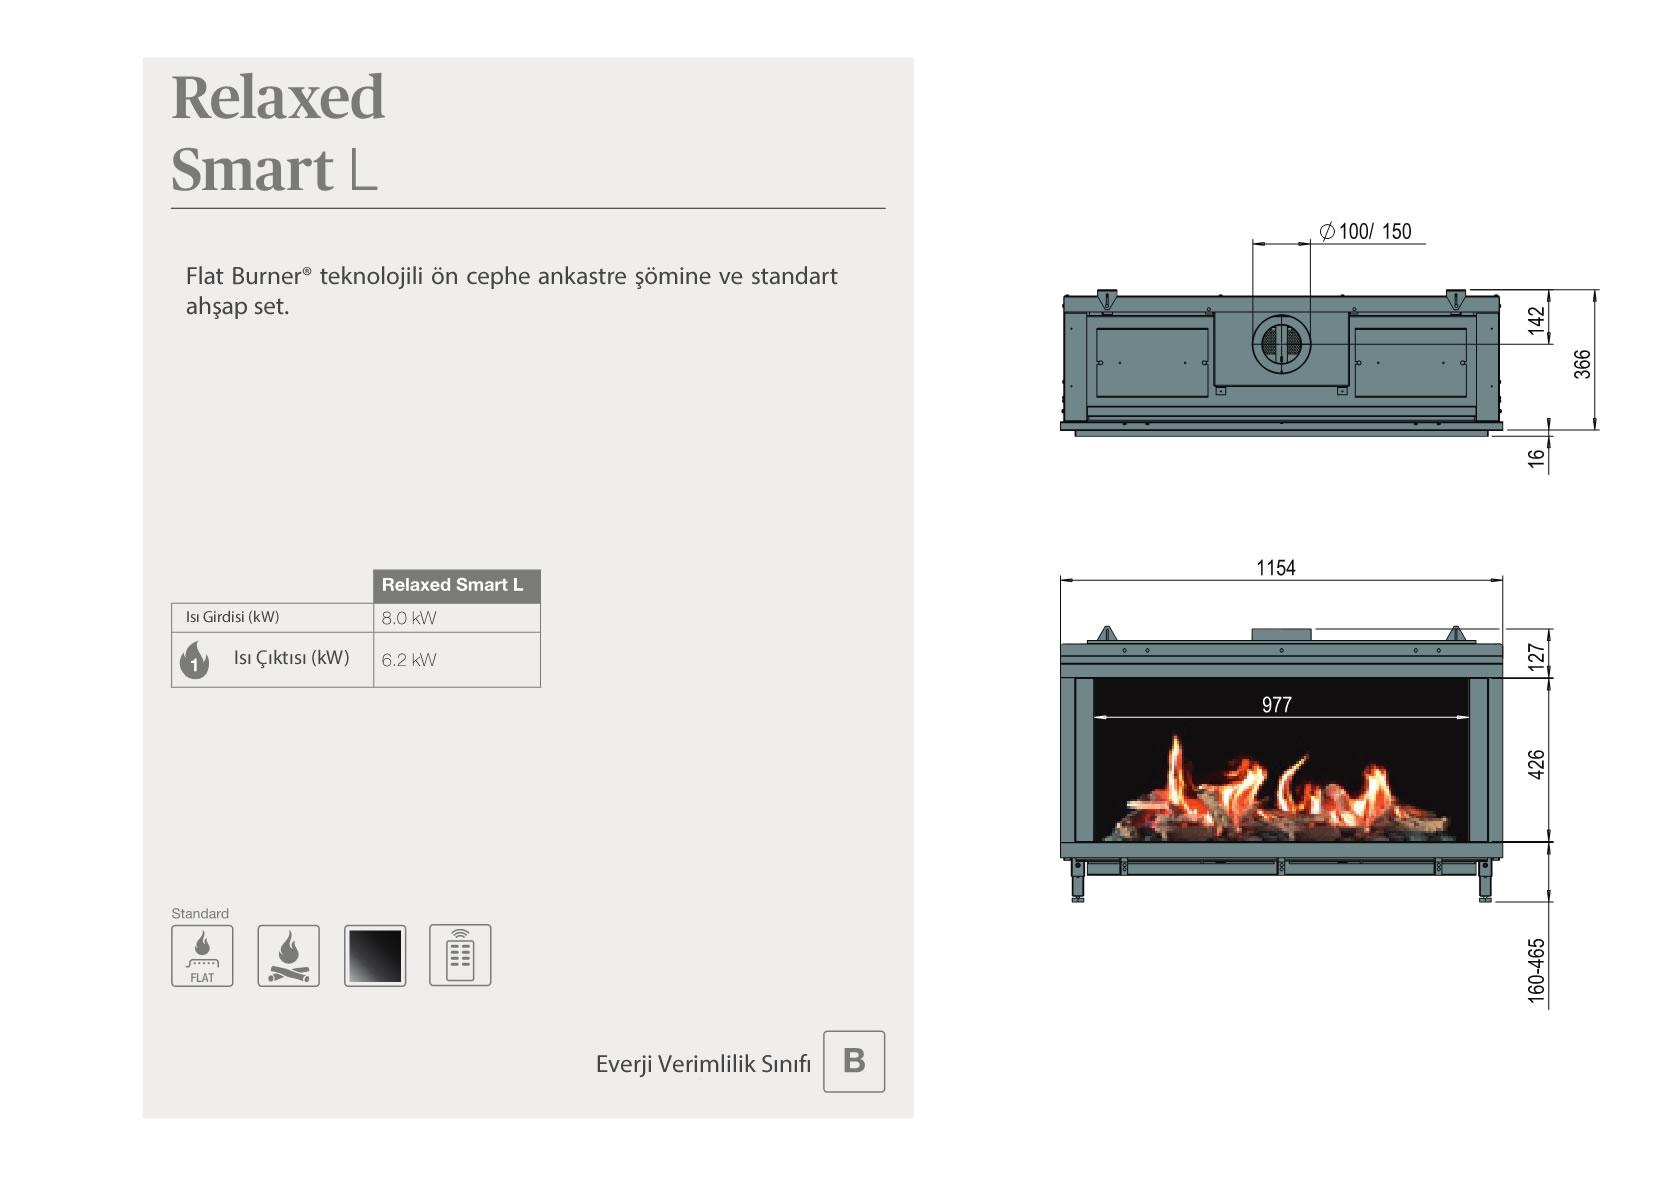 Faber Doğalgazlı Şömineler - Relaxed Smart L